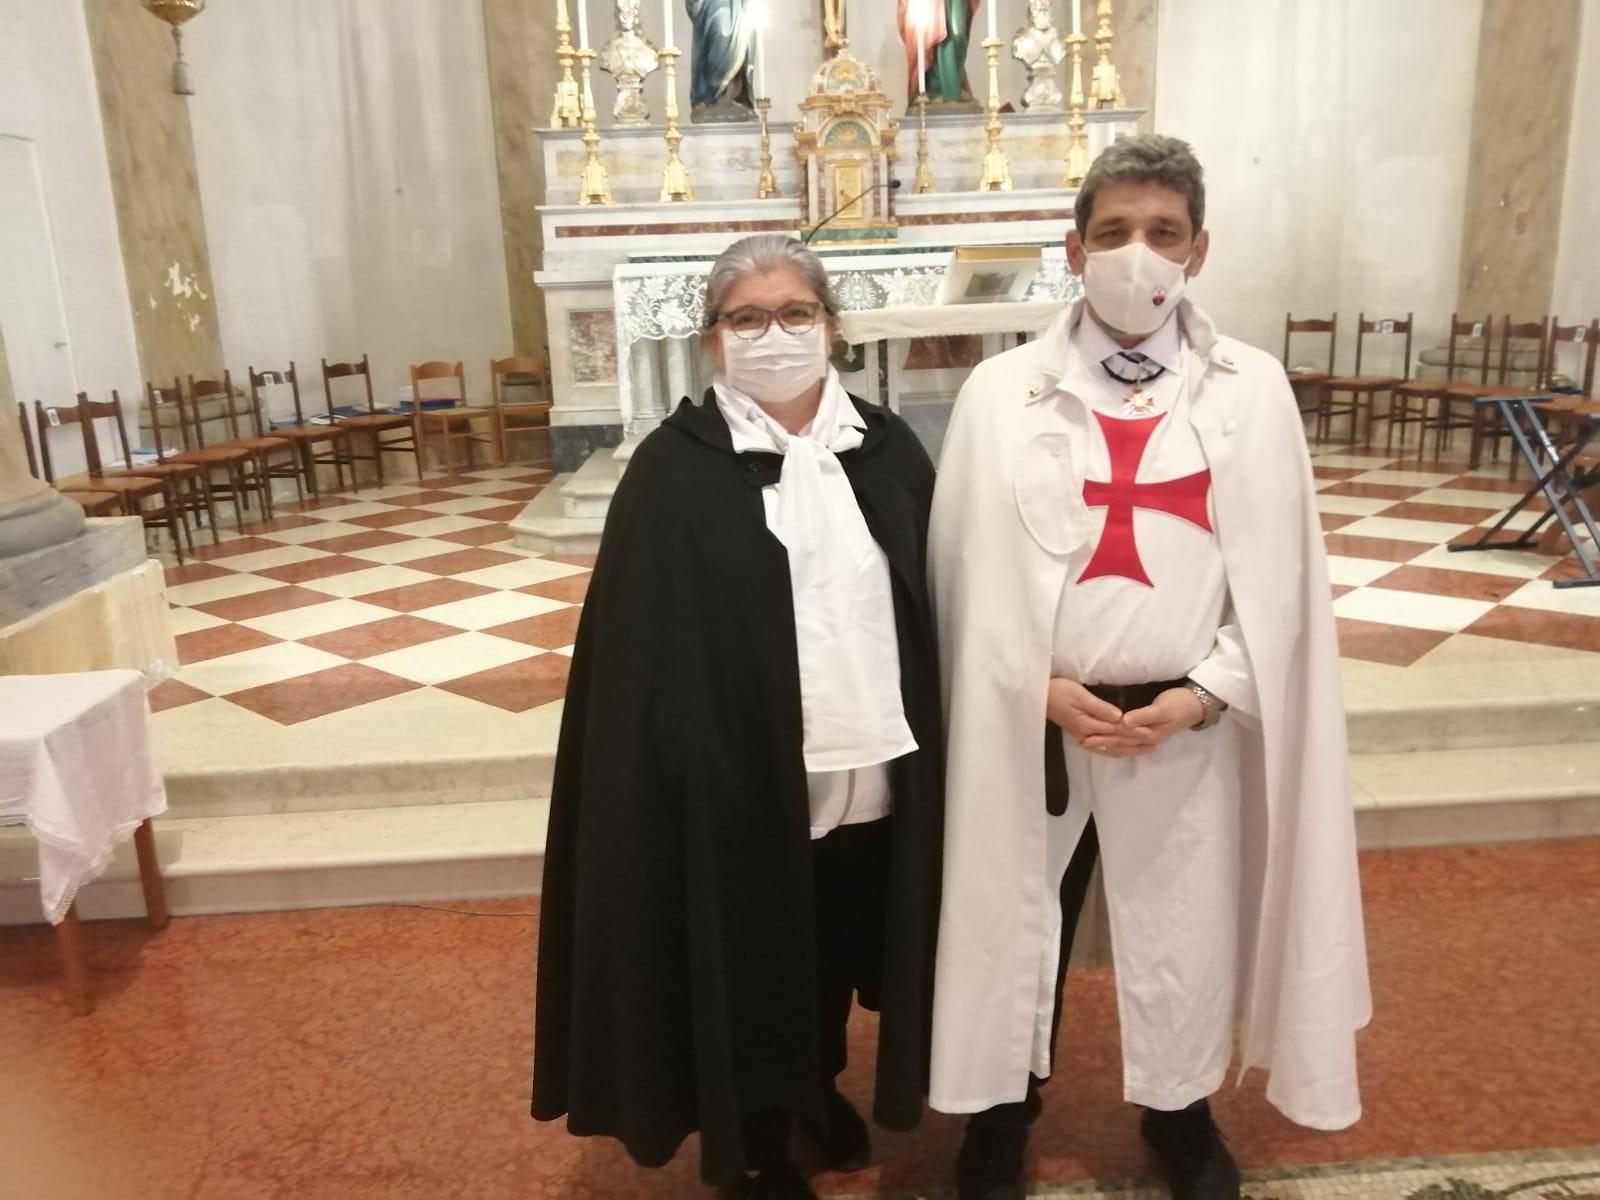 Partecipazione Santa Messa – Chiesa dei Santi Biagio ed Erasmo – Misano Monte (RN) – 11.04.2021